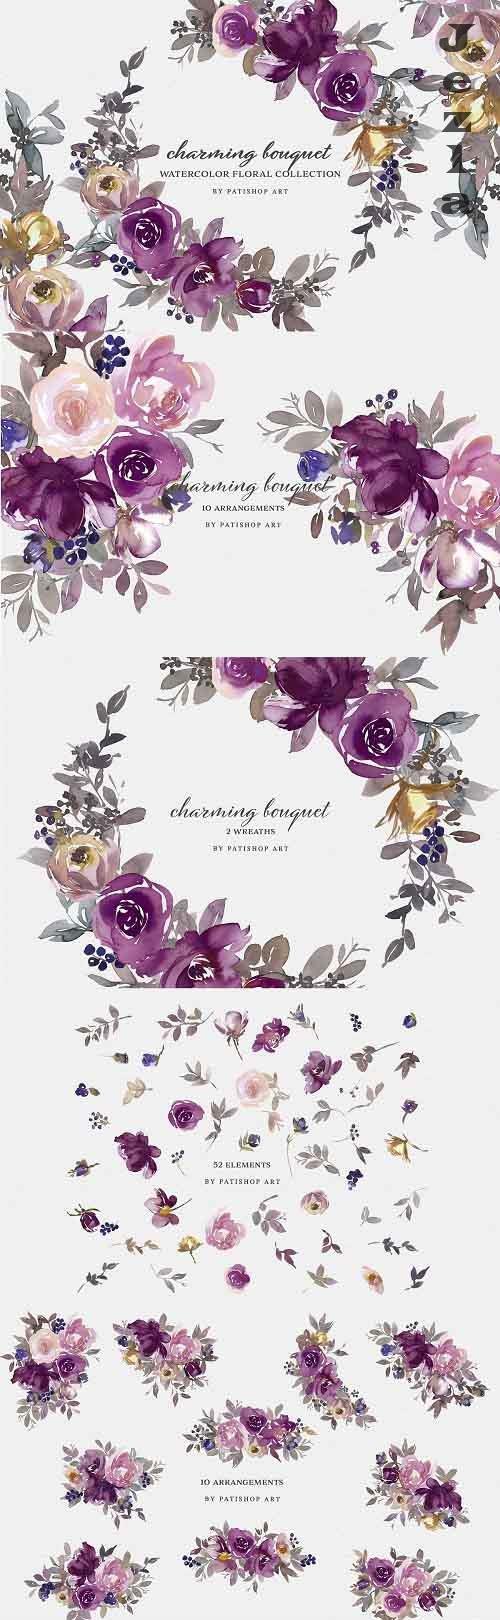 Watercolor Floral Clipart Set - 5496541